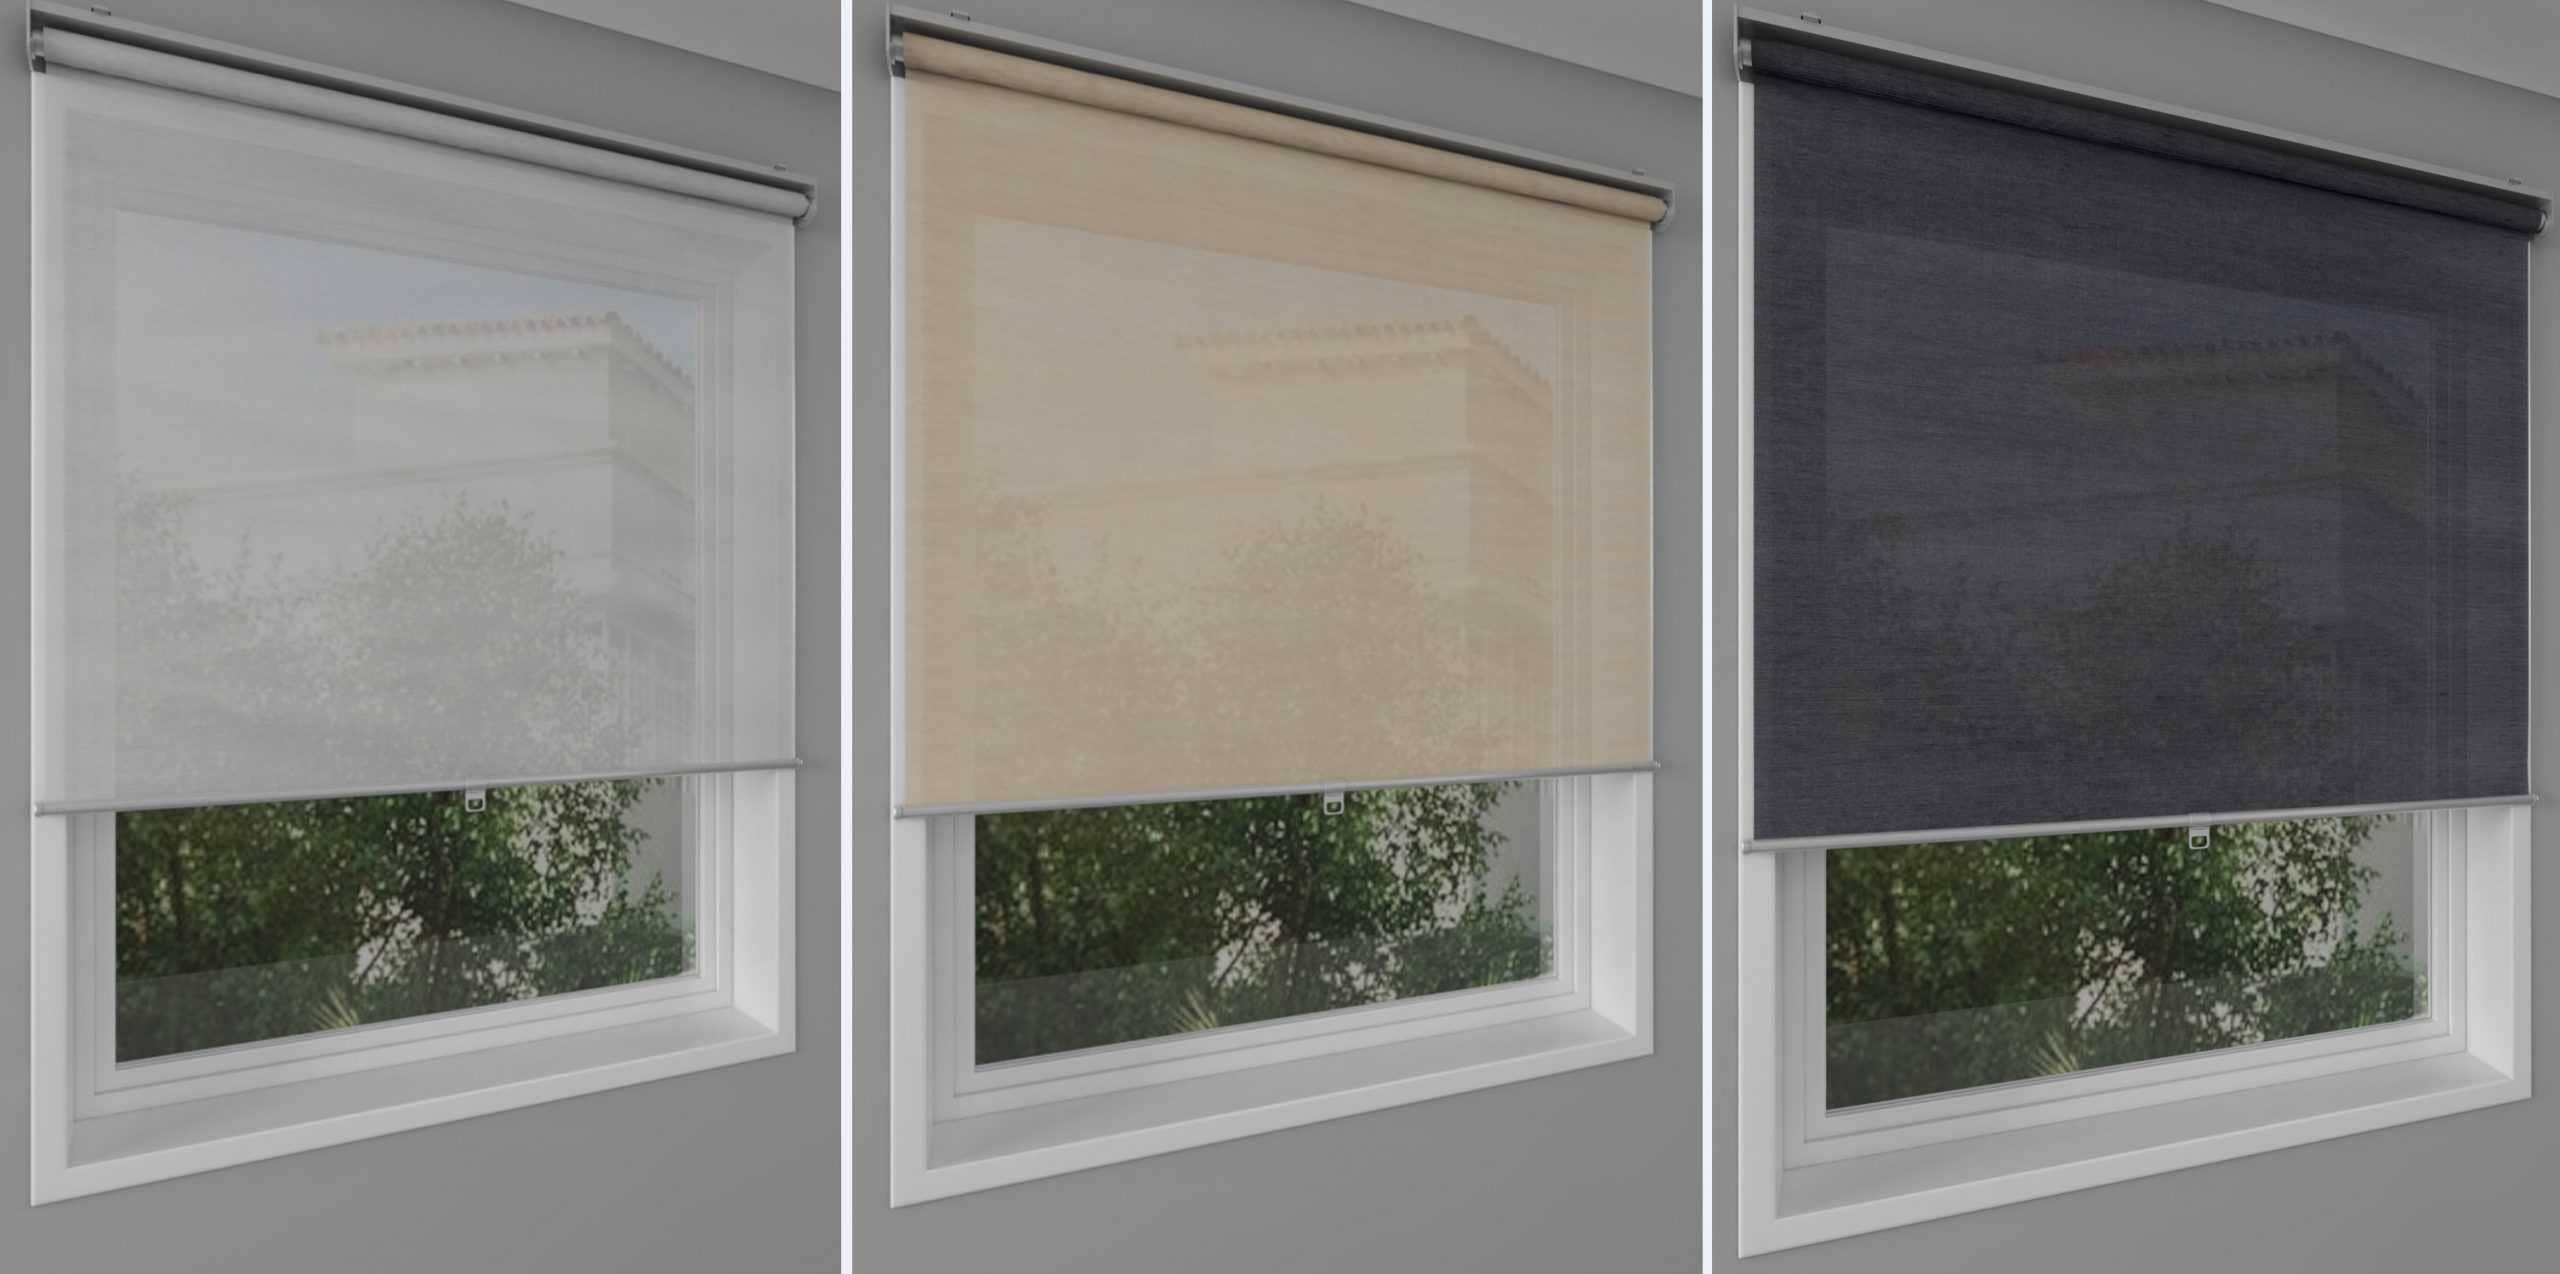 Рулонные шторы - плюсы и минусы установки, выбор материалов 074